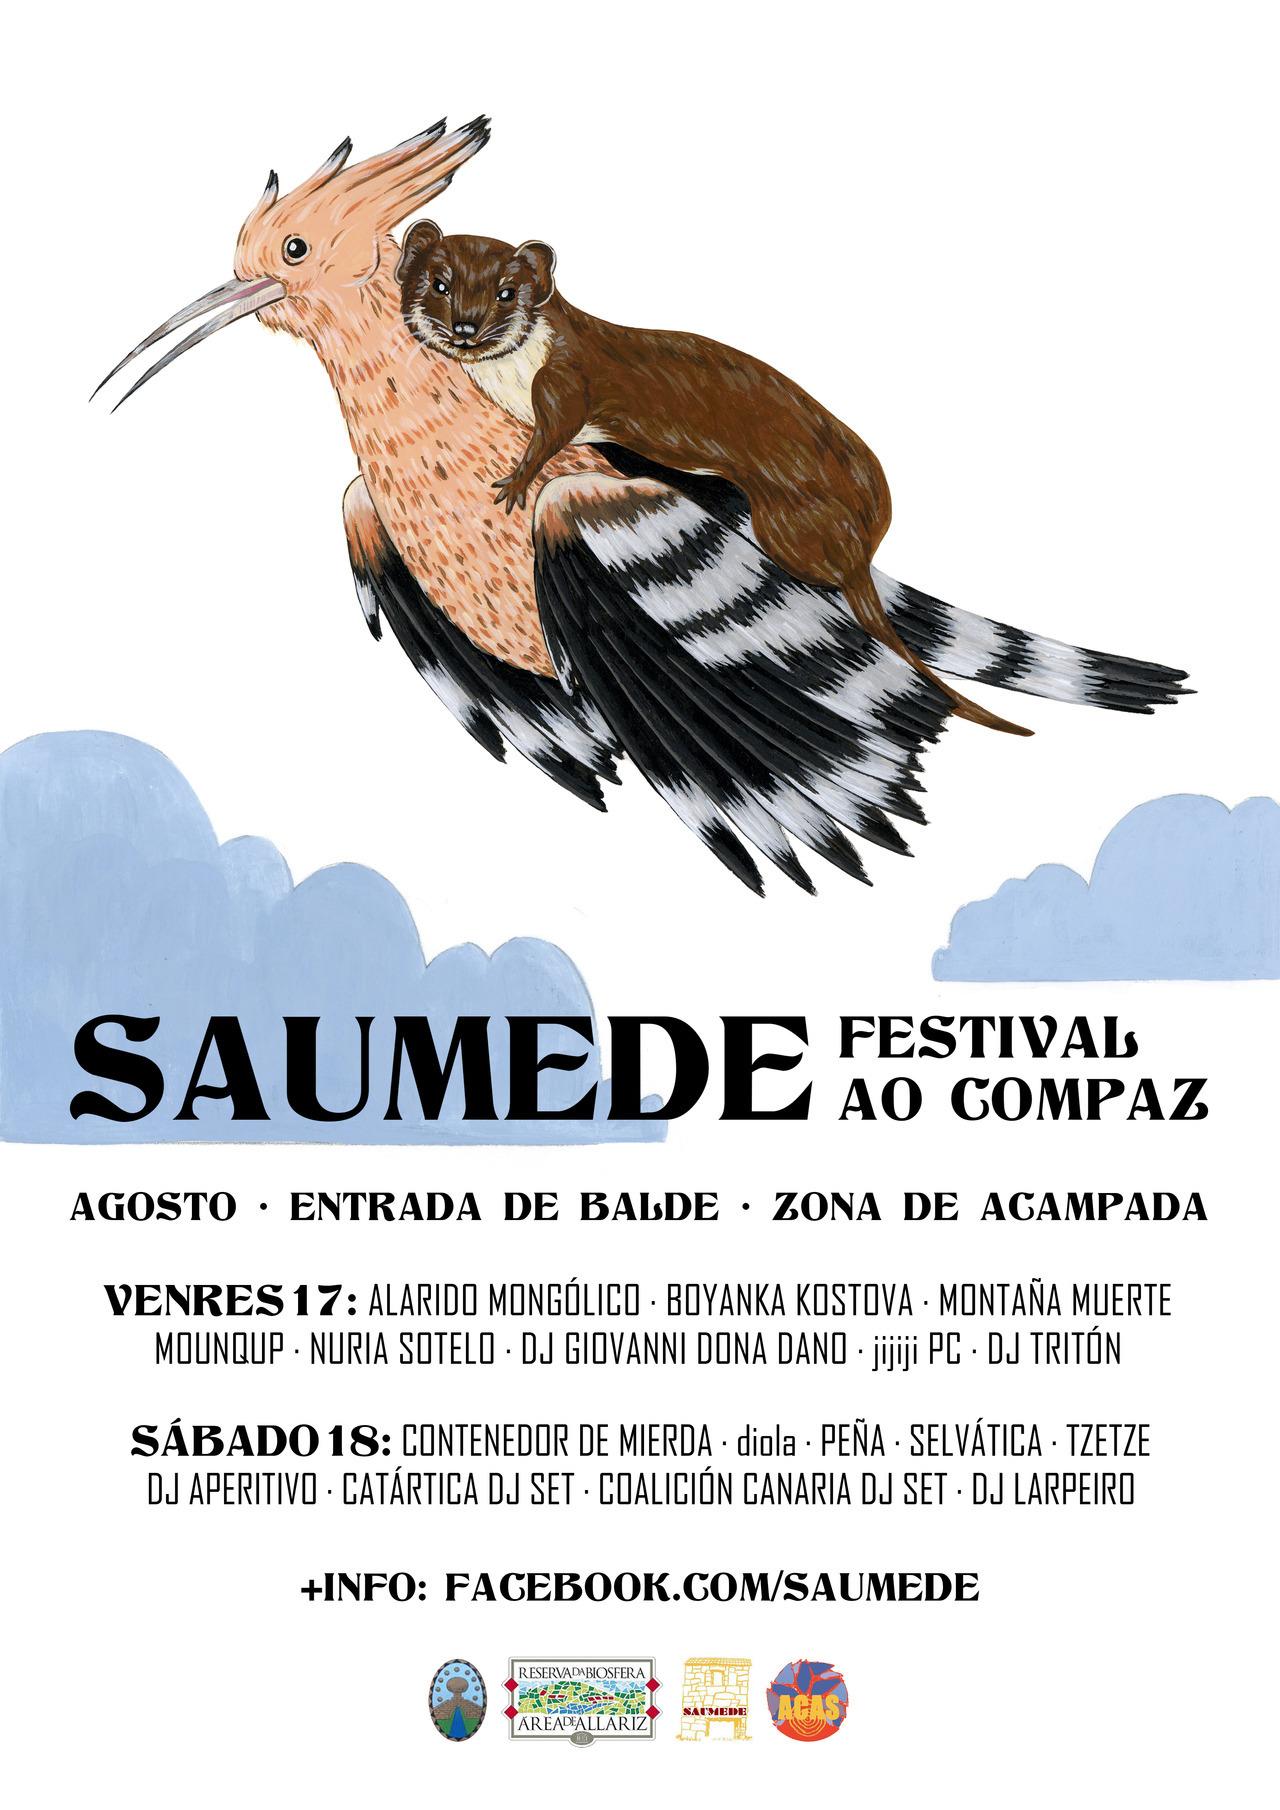 Cartel para o festival de Saumede - Camila Viéitez